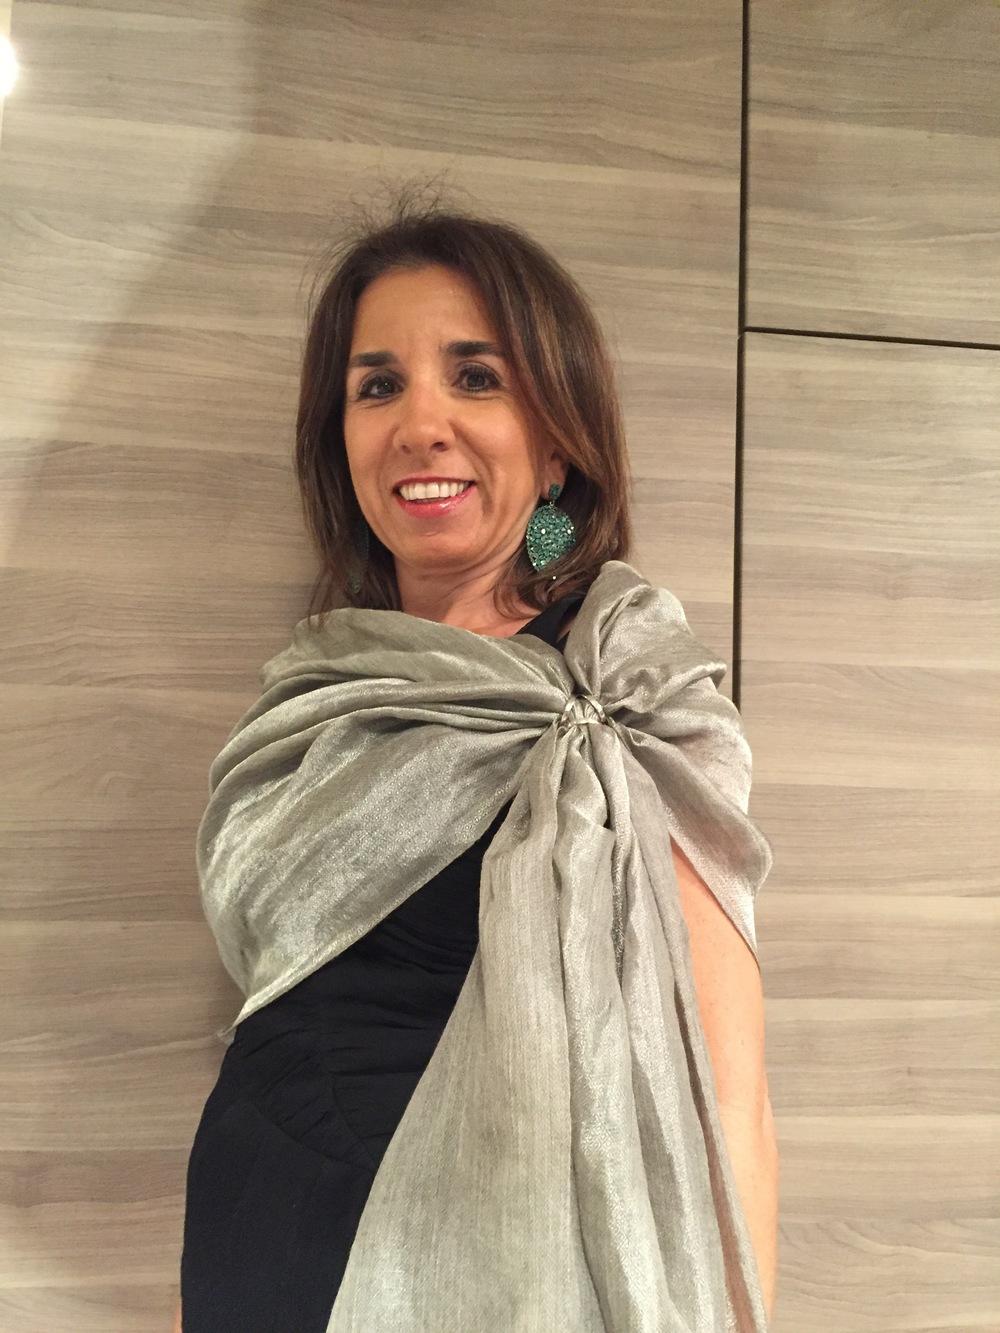 Milene in Barcelona